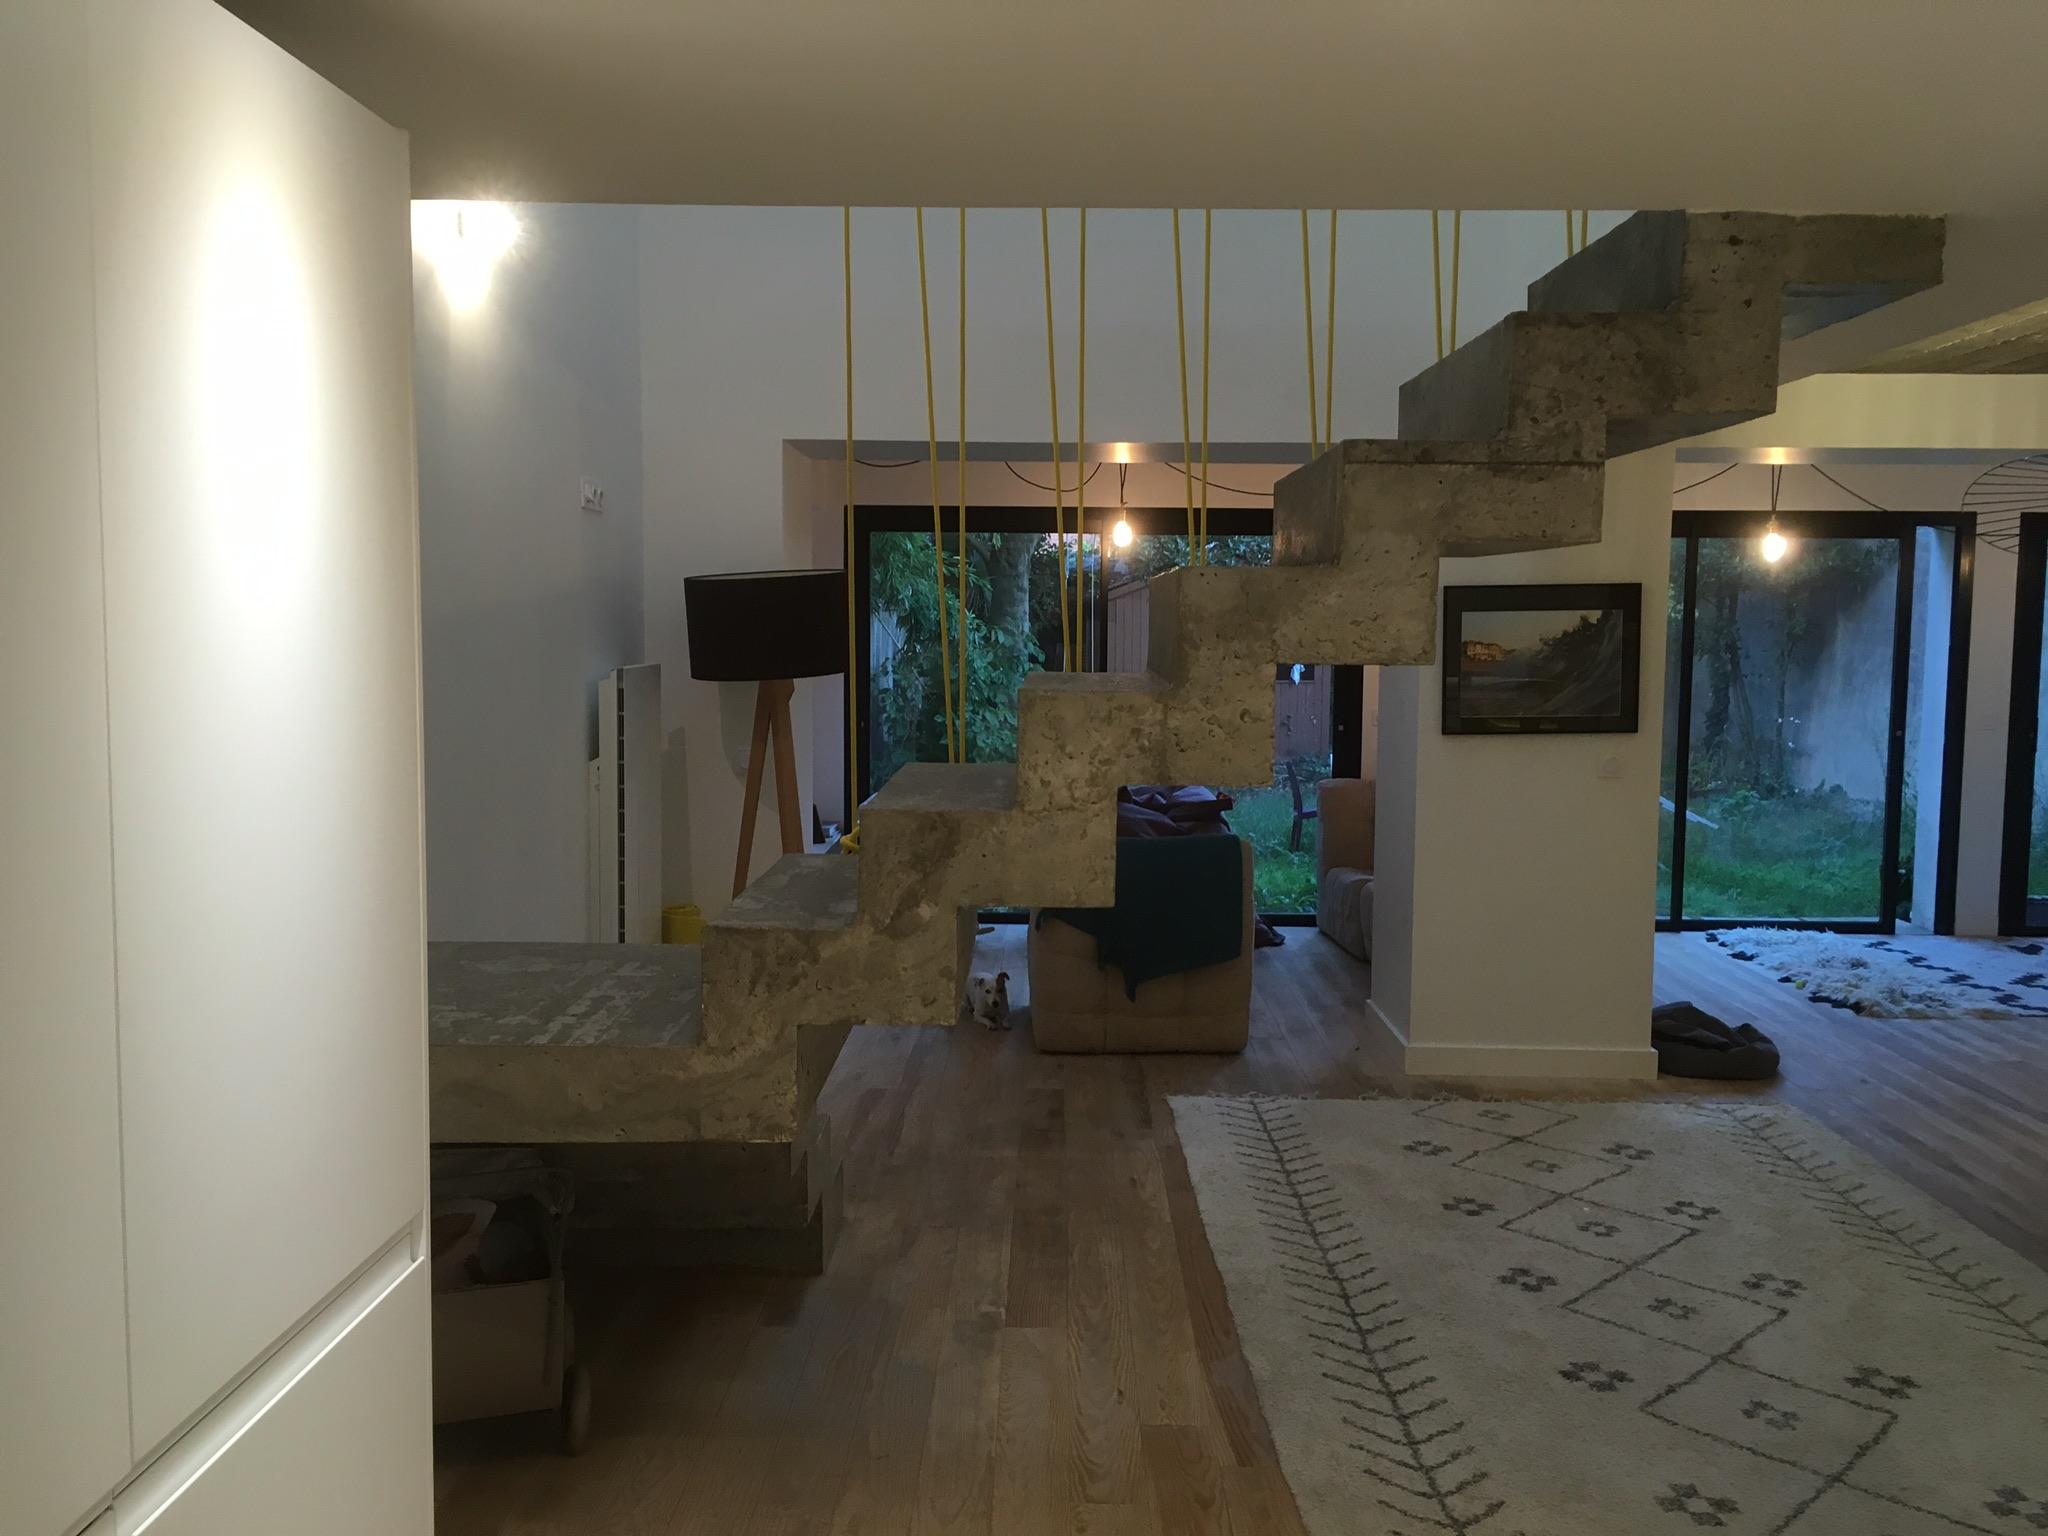 audacieux  escalier crémaillère avec palier intermédiaire en rénovation  a bègles  pour un particulier